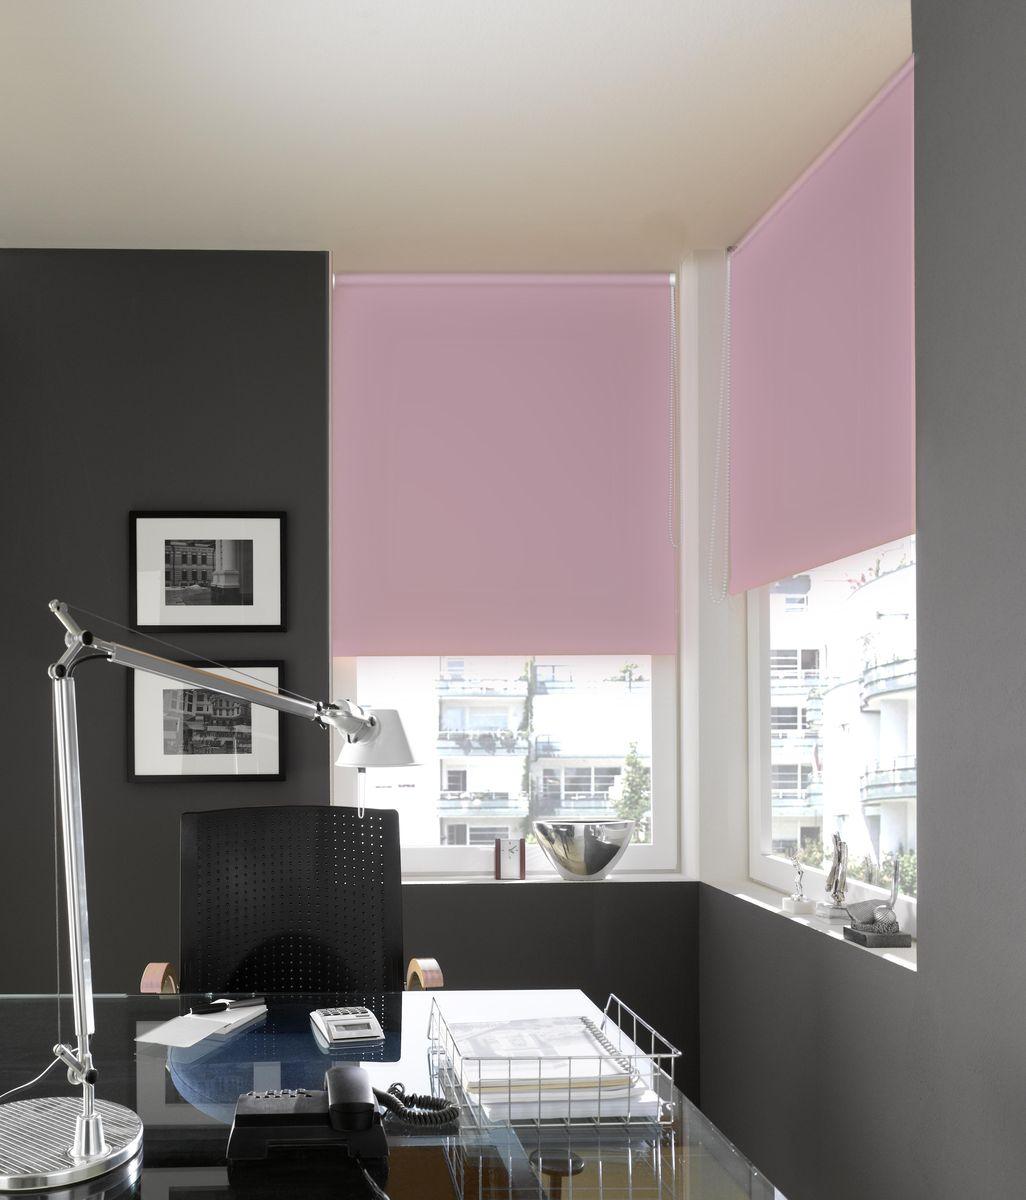 Штора рулонная Эскар Миниролло. Blackout, светонепроницаемая, цвет: розовый кварц, ширина 43 см, высота 170 см1004900000360Рулонными шторамиЭскар Миниролло. Blackout можно оформлять окна как самостоятельно, так и использовать в комбинации с портьерами. Это поможет предотвратить выгорание дорогой ткани на солнце и соединит функционал рулонных с красотой навесных. Преимущества применения рулонных штор для пластиковых окон: - имеют прекрасный внешний вид: многообразие и фактурность материала изделия отлично смотрятся в любом интерьере;- многофункциональны: есть возможность подобрать шторы способные эффективно защитить комнату от солнца, при этом она не будет слишком темной;- есть возможность осуществить быстрый монтаж.ВНИМАНИЕ! Размеры ширины изделия указаны по ширине ткани! Во время эксплуатации не рекомендуется полностью разматывать рулон, чтобы не оторвать ткань от намоточного вала. В случае загрязнения поверхности ткани, чистку шторы проводят одним из способов, в зависимости от типа загрязнения:легкое поверхностное загрязнение можно удалить при помощи канцелярского ластика;чистка от пыли производится сухим методом при помощи пылесоса с мягкой щеткой-насадкой;для удаления пятна используйте мягкую губку с пенообразующим неагрессивным моющим средством или пятновыводитель на натуральной основе (нельзя применять растворители).